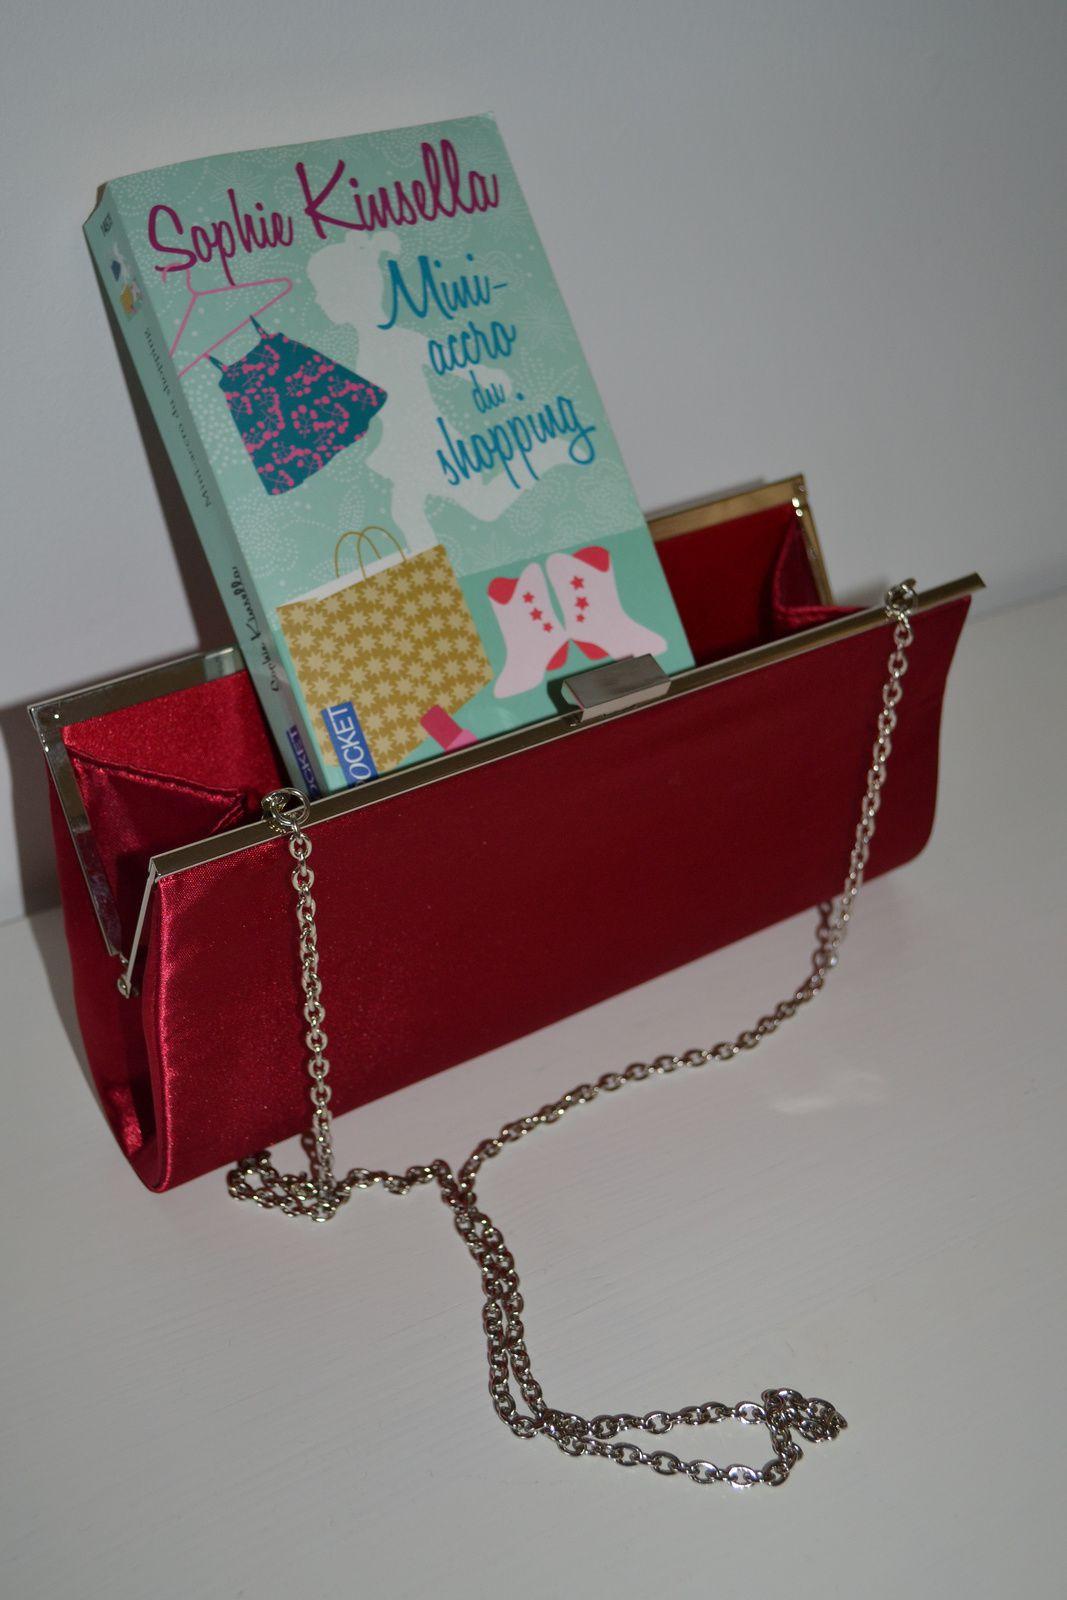 ... le livre: Mini-accro du shopping, de Sophie Kinsella